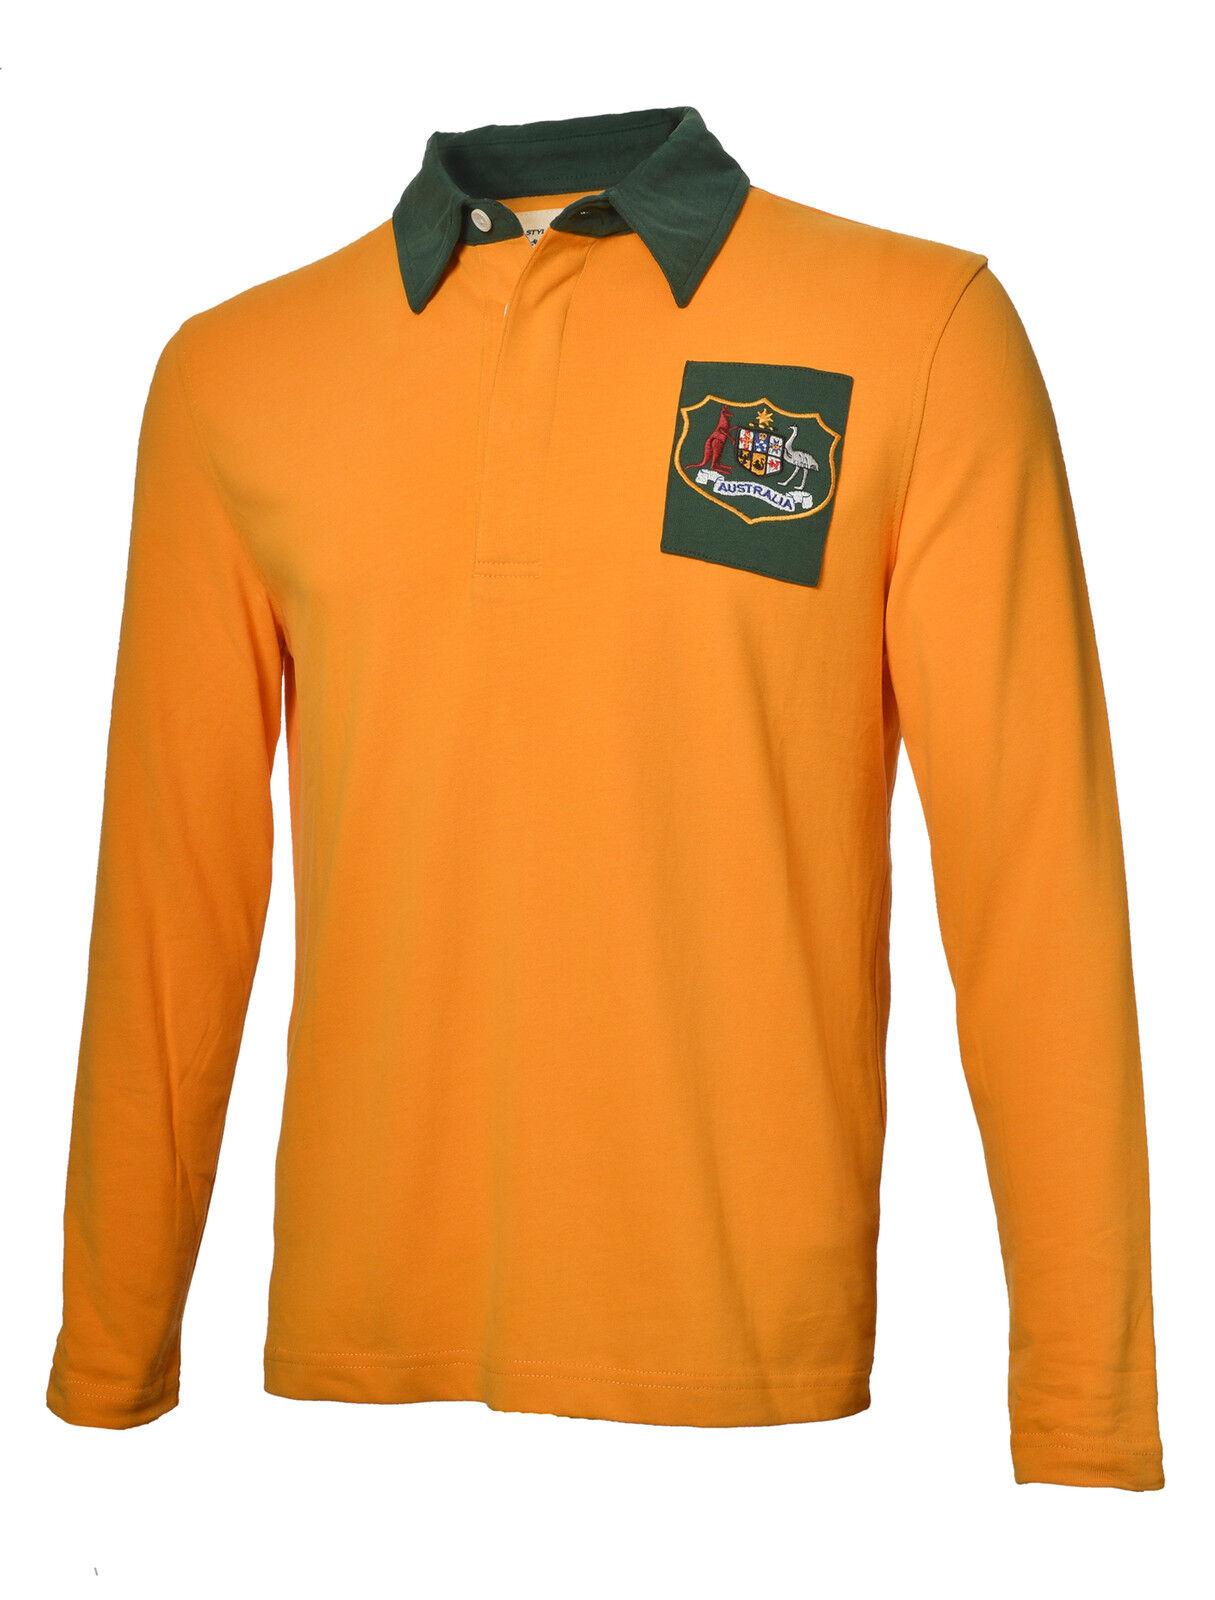 Olorun Authentic Rugby Classique Vintage Australie Chemise (S-4XL)